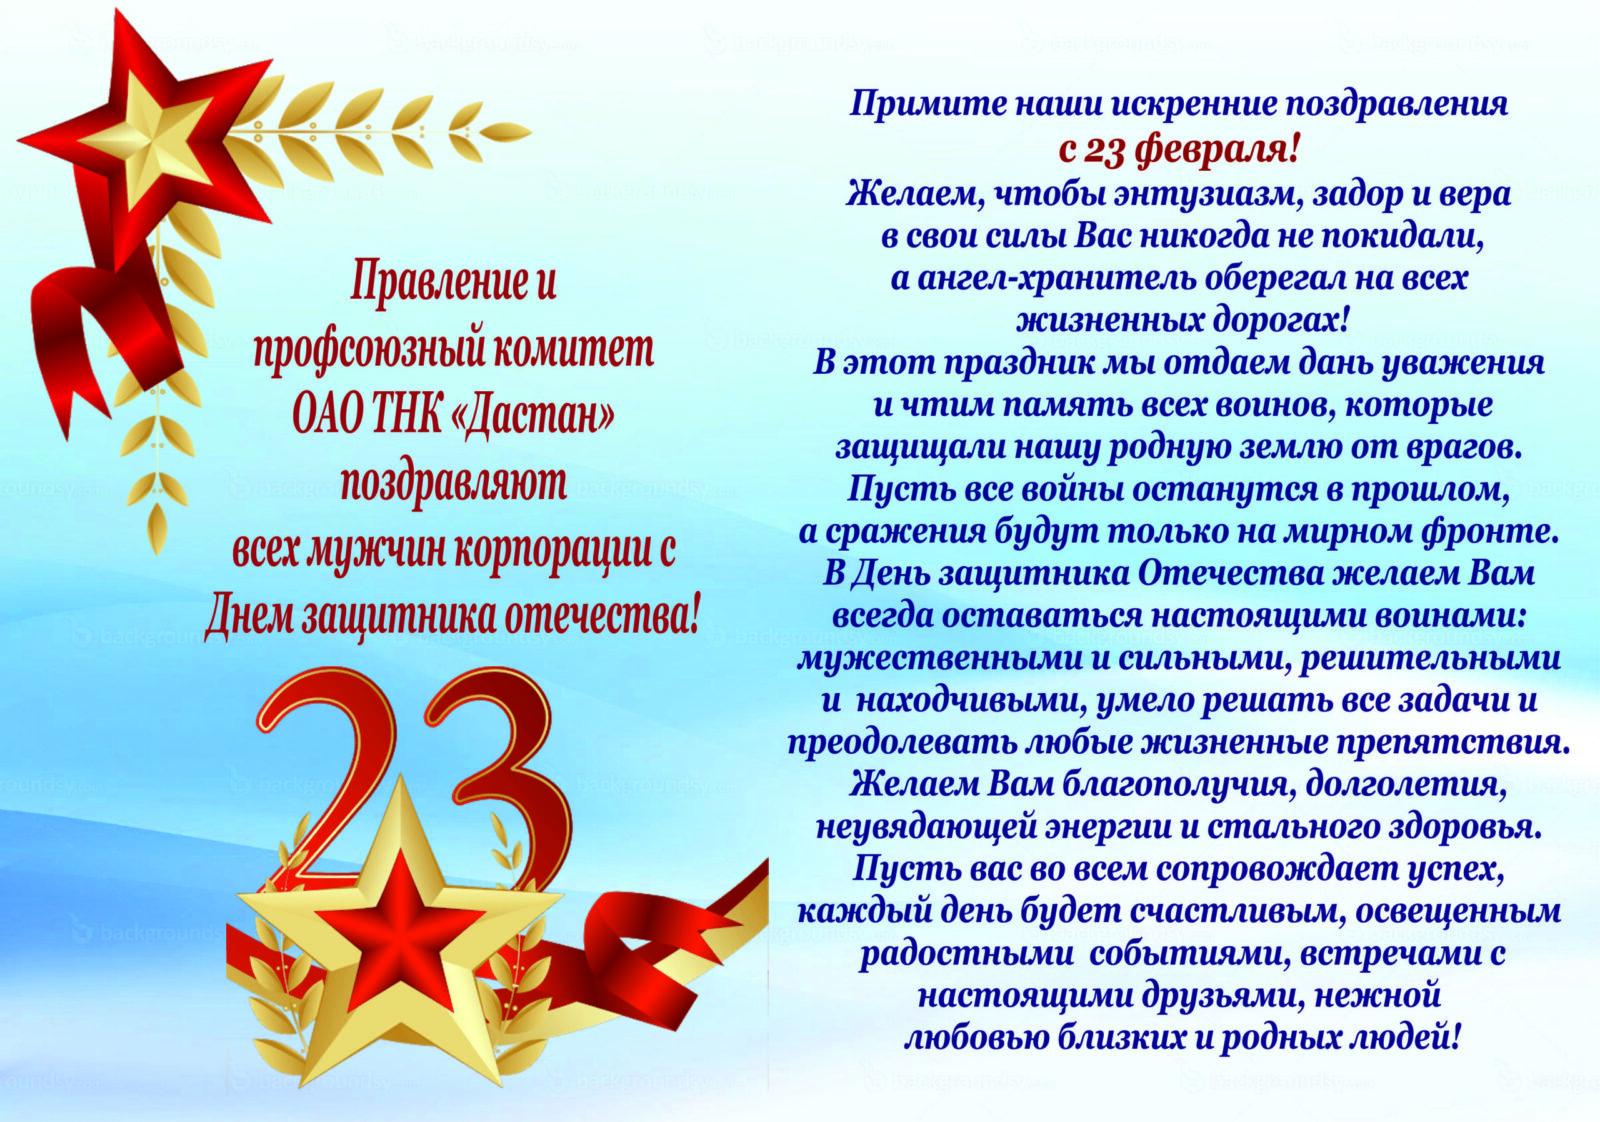 23 фквраля scaled - С Днем защитника отечества!